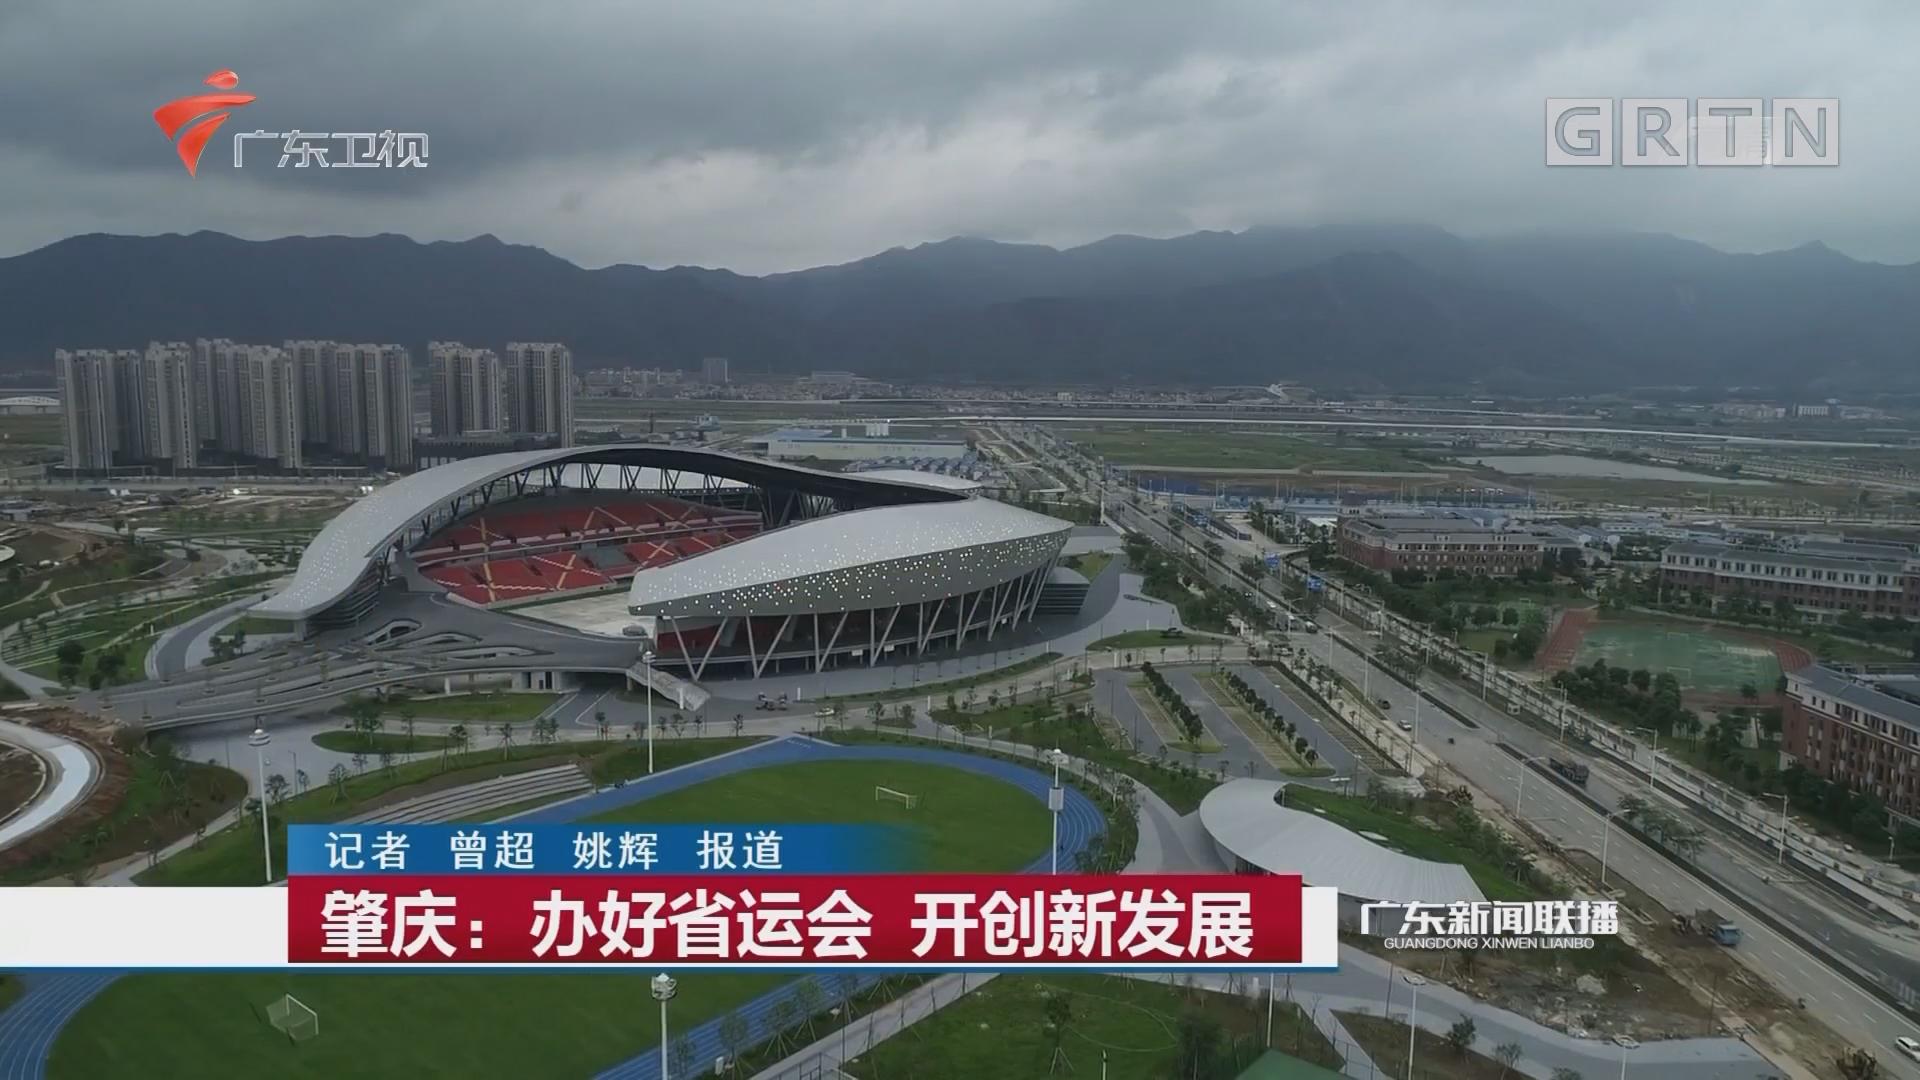 肇庆:办好省运会 开创新发展